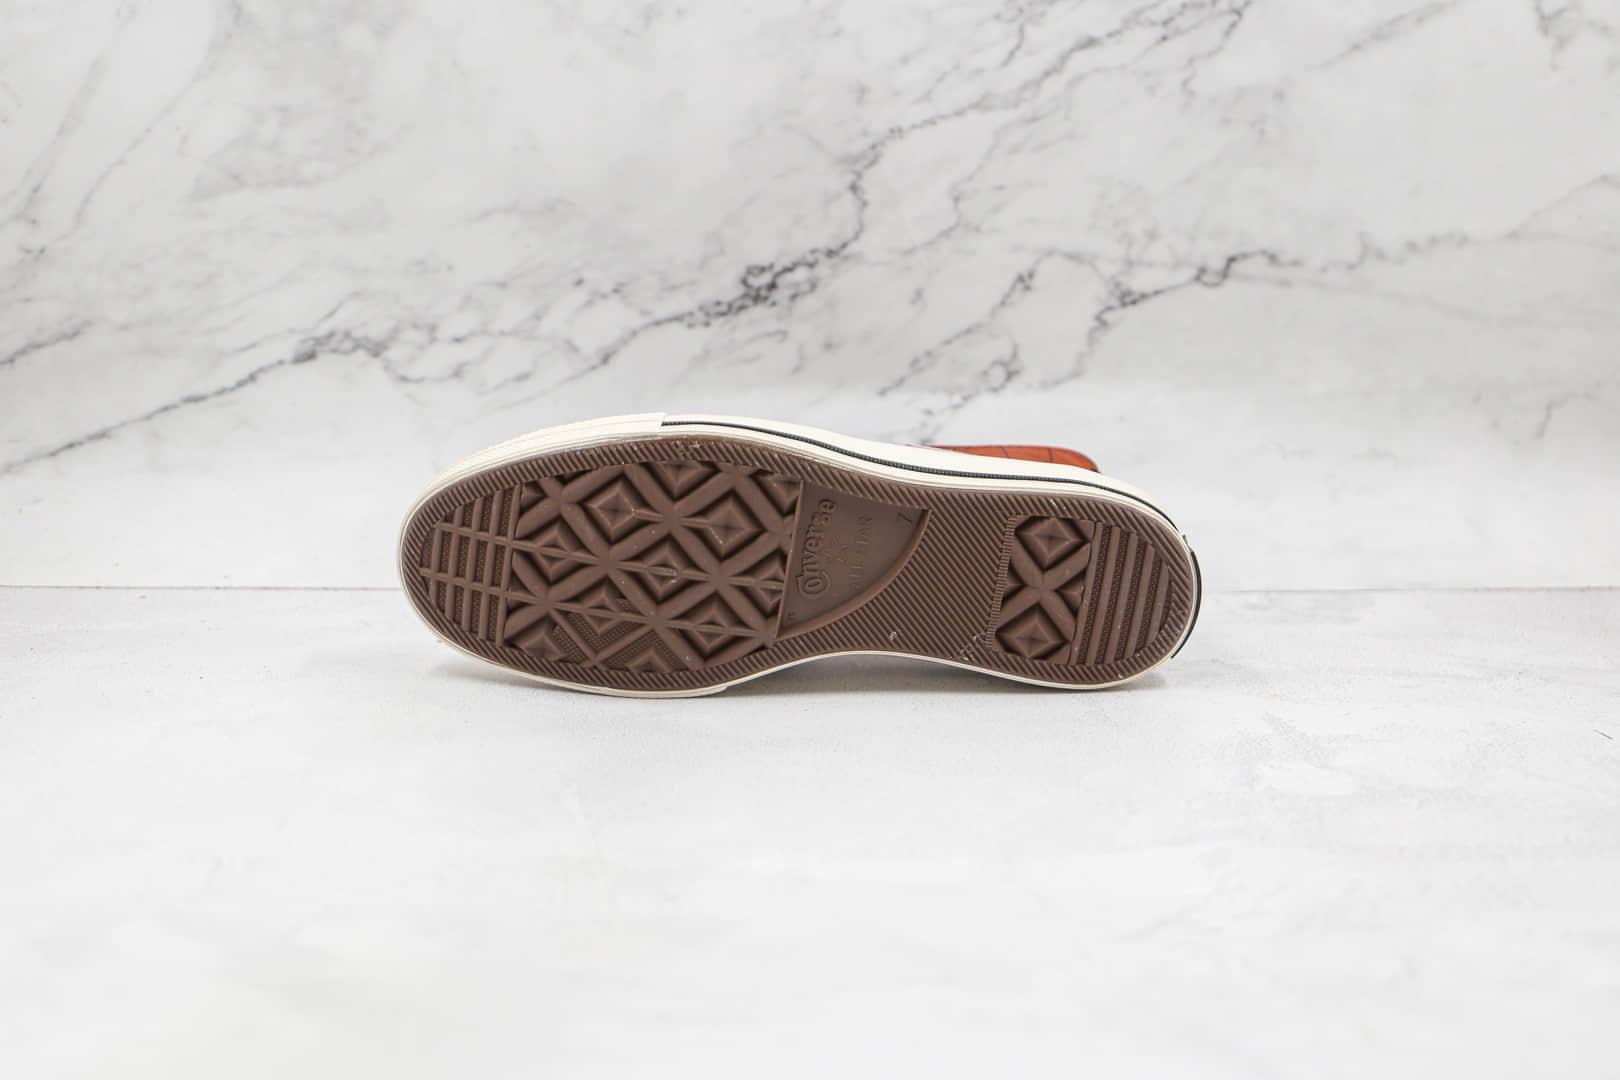 匡威CONVERSE Chuck70 x GORE-TEX联名款公司级版本高帮棕色硫化帆布鞋原楦头纸板打造 货号:171442C